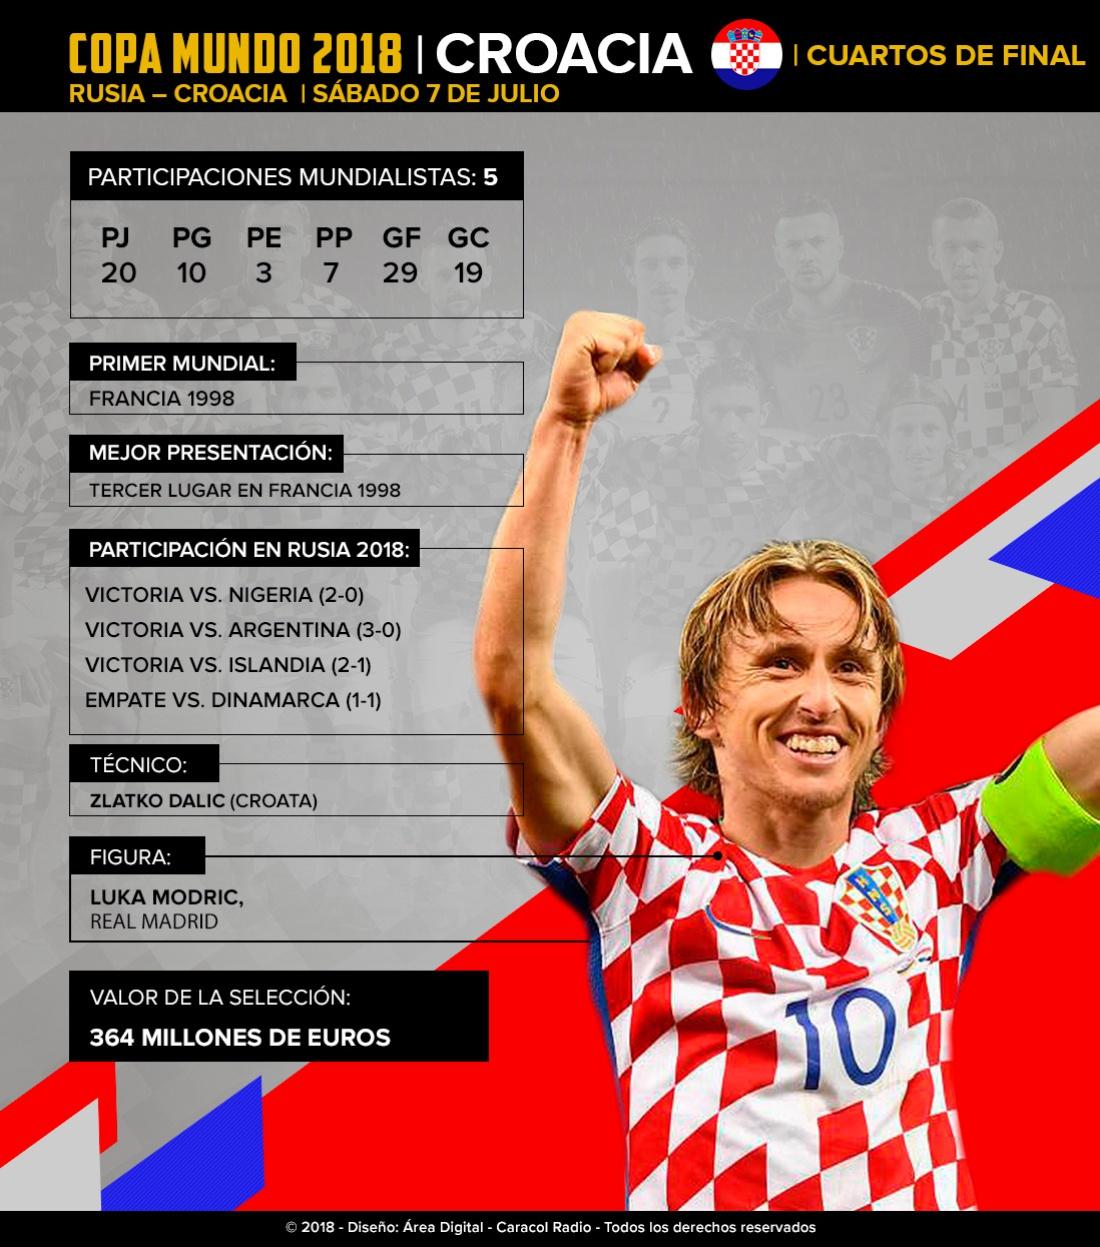 Croacia Mundial Rusia 2018: Croacia: De la mano de Modric buscan repetir lo hecho en Francia 1998